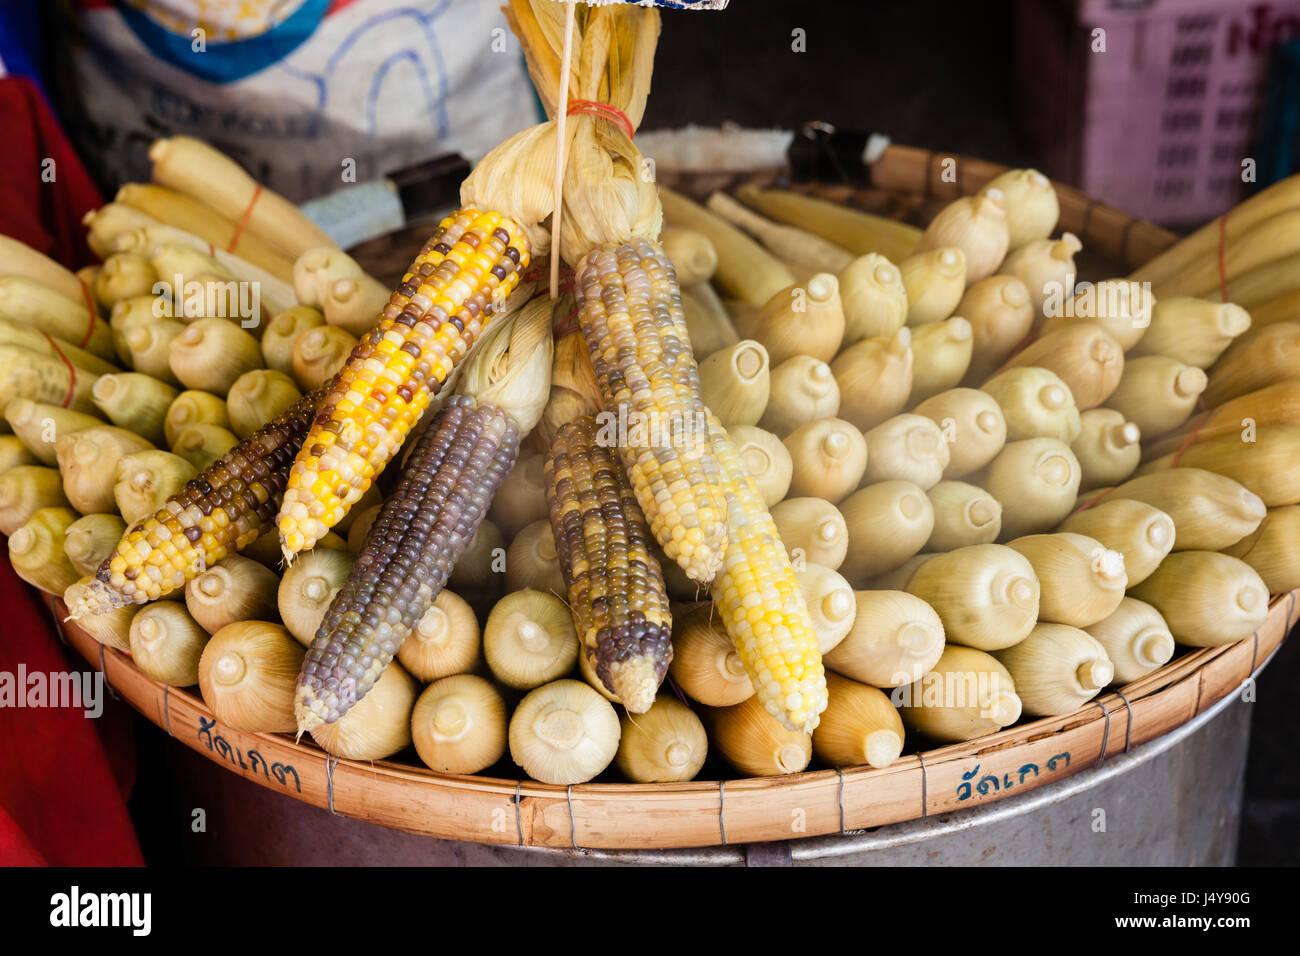 Maïs sur le marché pour la vente. Chiang Mai, Thaïlande. Photo Stock